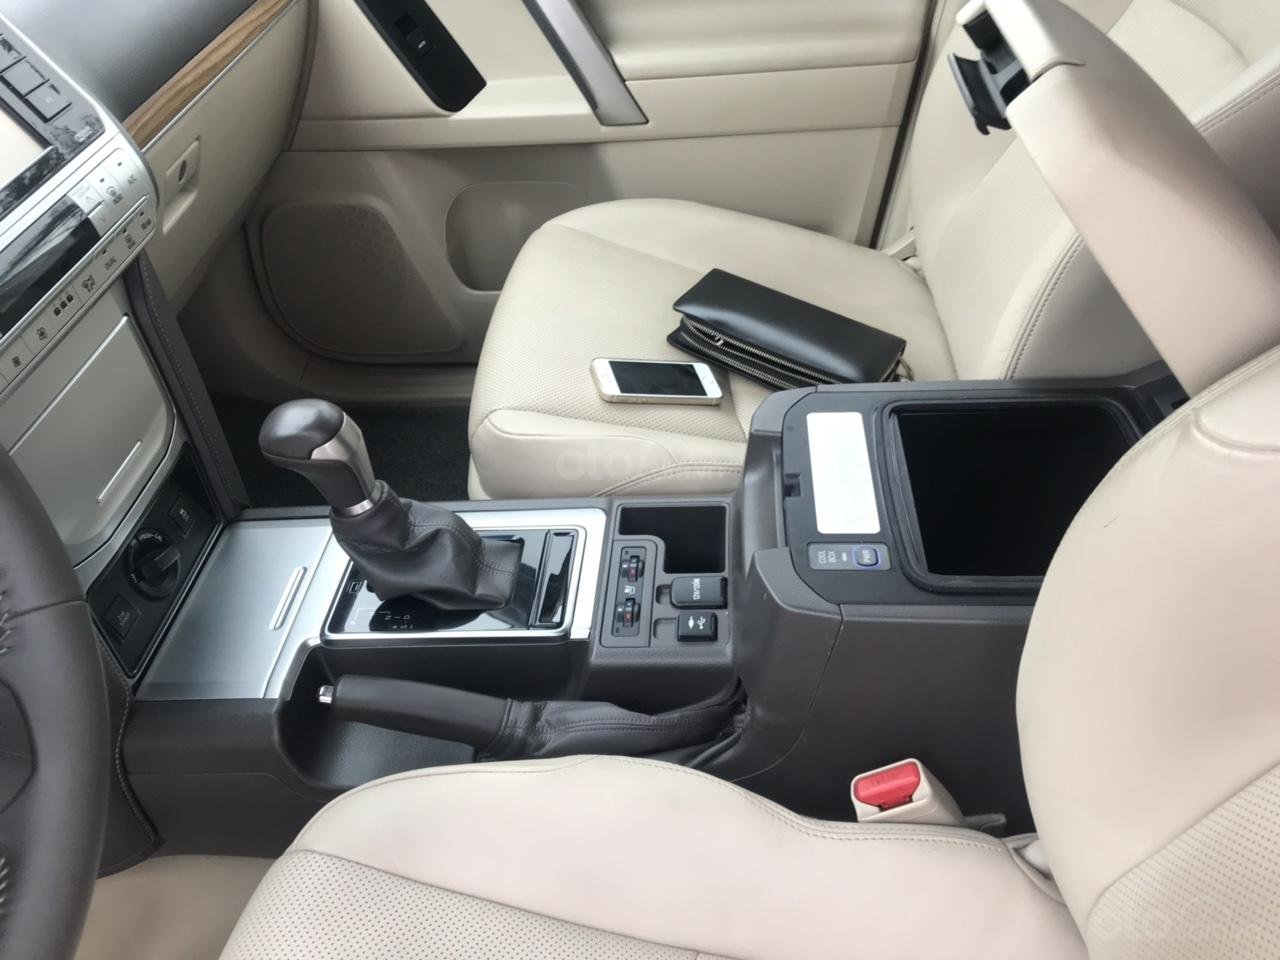 Cần bán xe Toyota Prado đời 2018, màu trắng, xe siêu lướt thơm mùi mới - Liên hệ: 094-711-6996 Mr Thanh-3